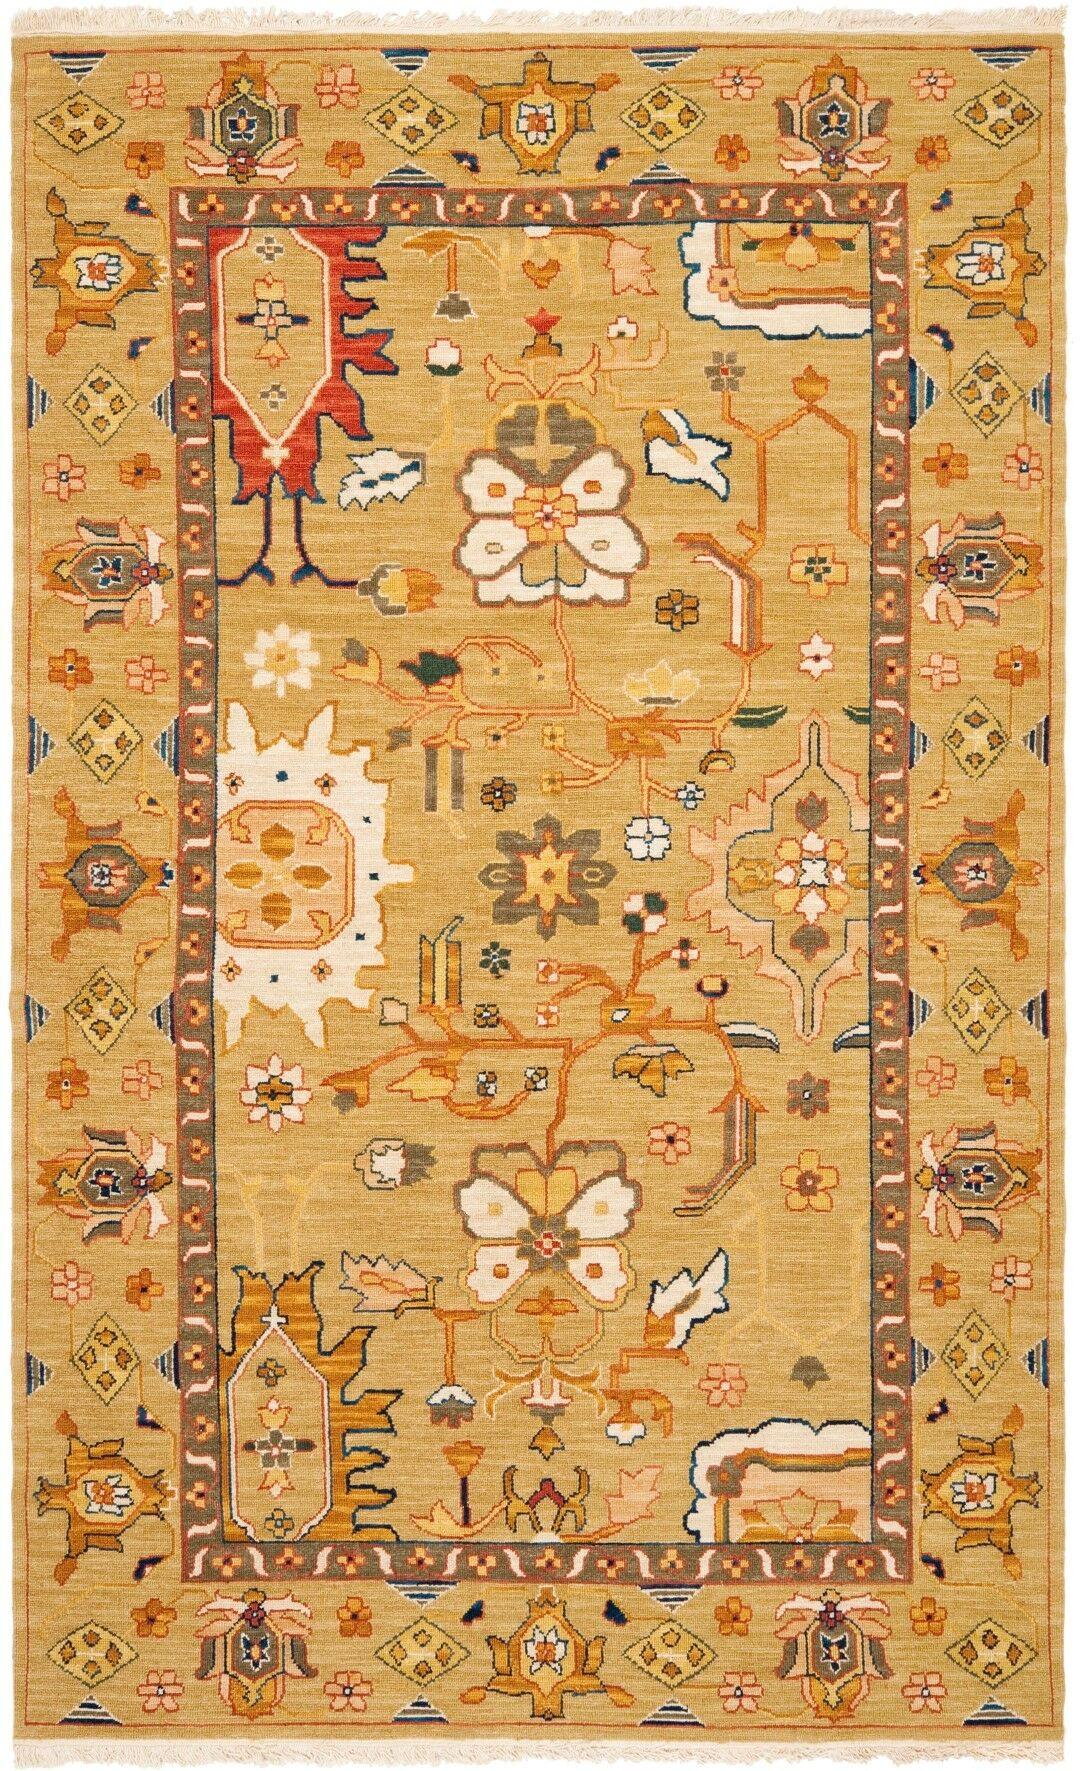 Linwood Hand-Woven Wool Orange Area Rug Rug Size: Rectangle 5' x 8'